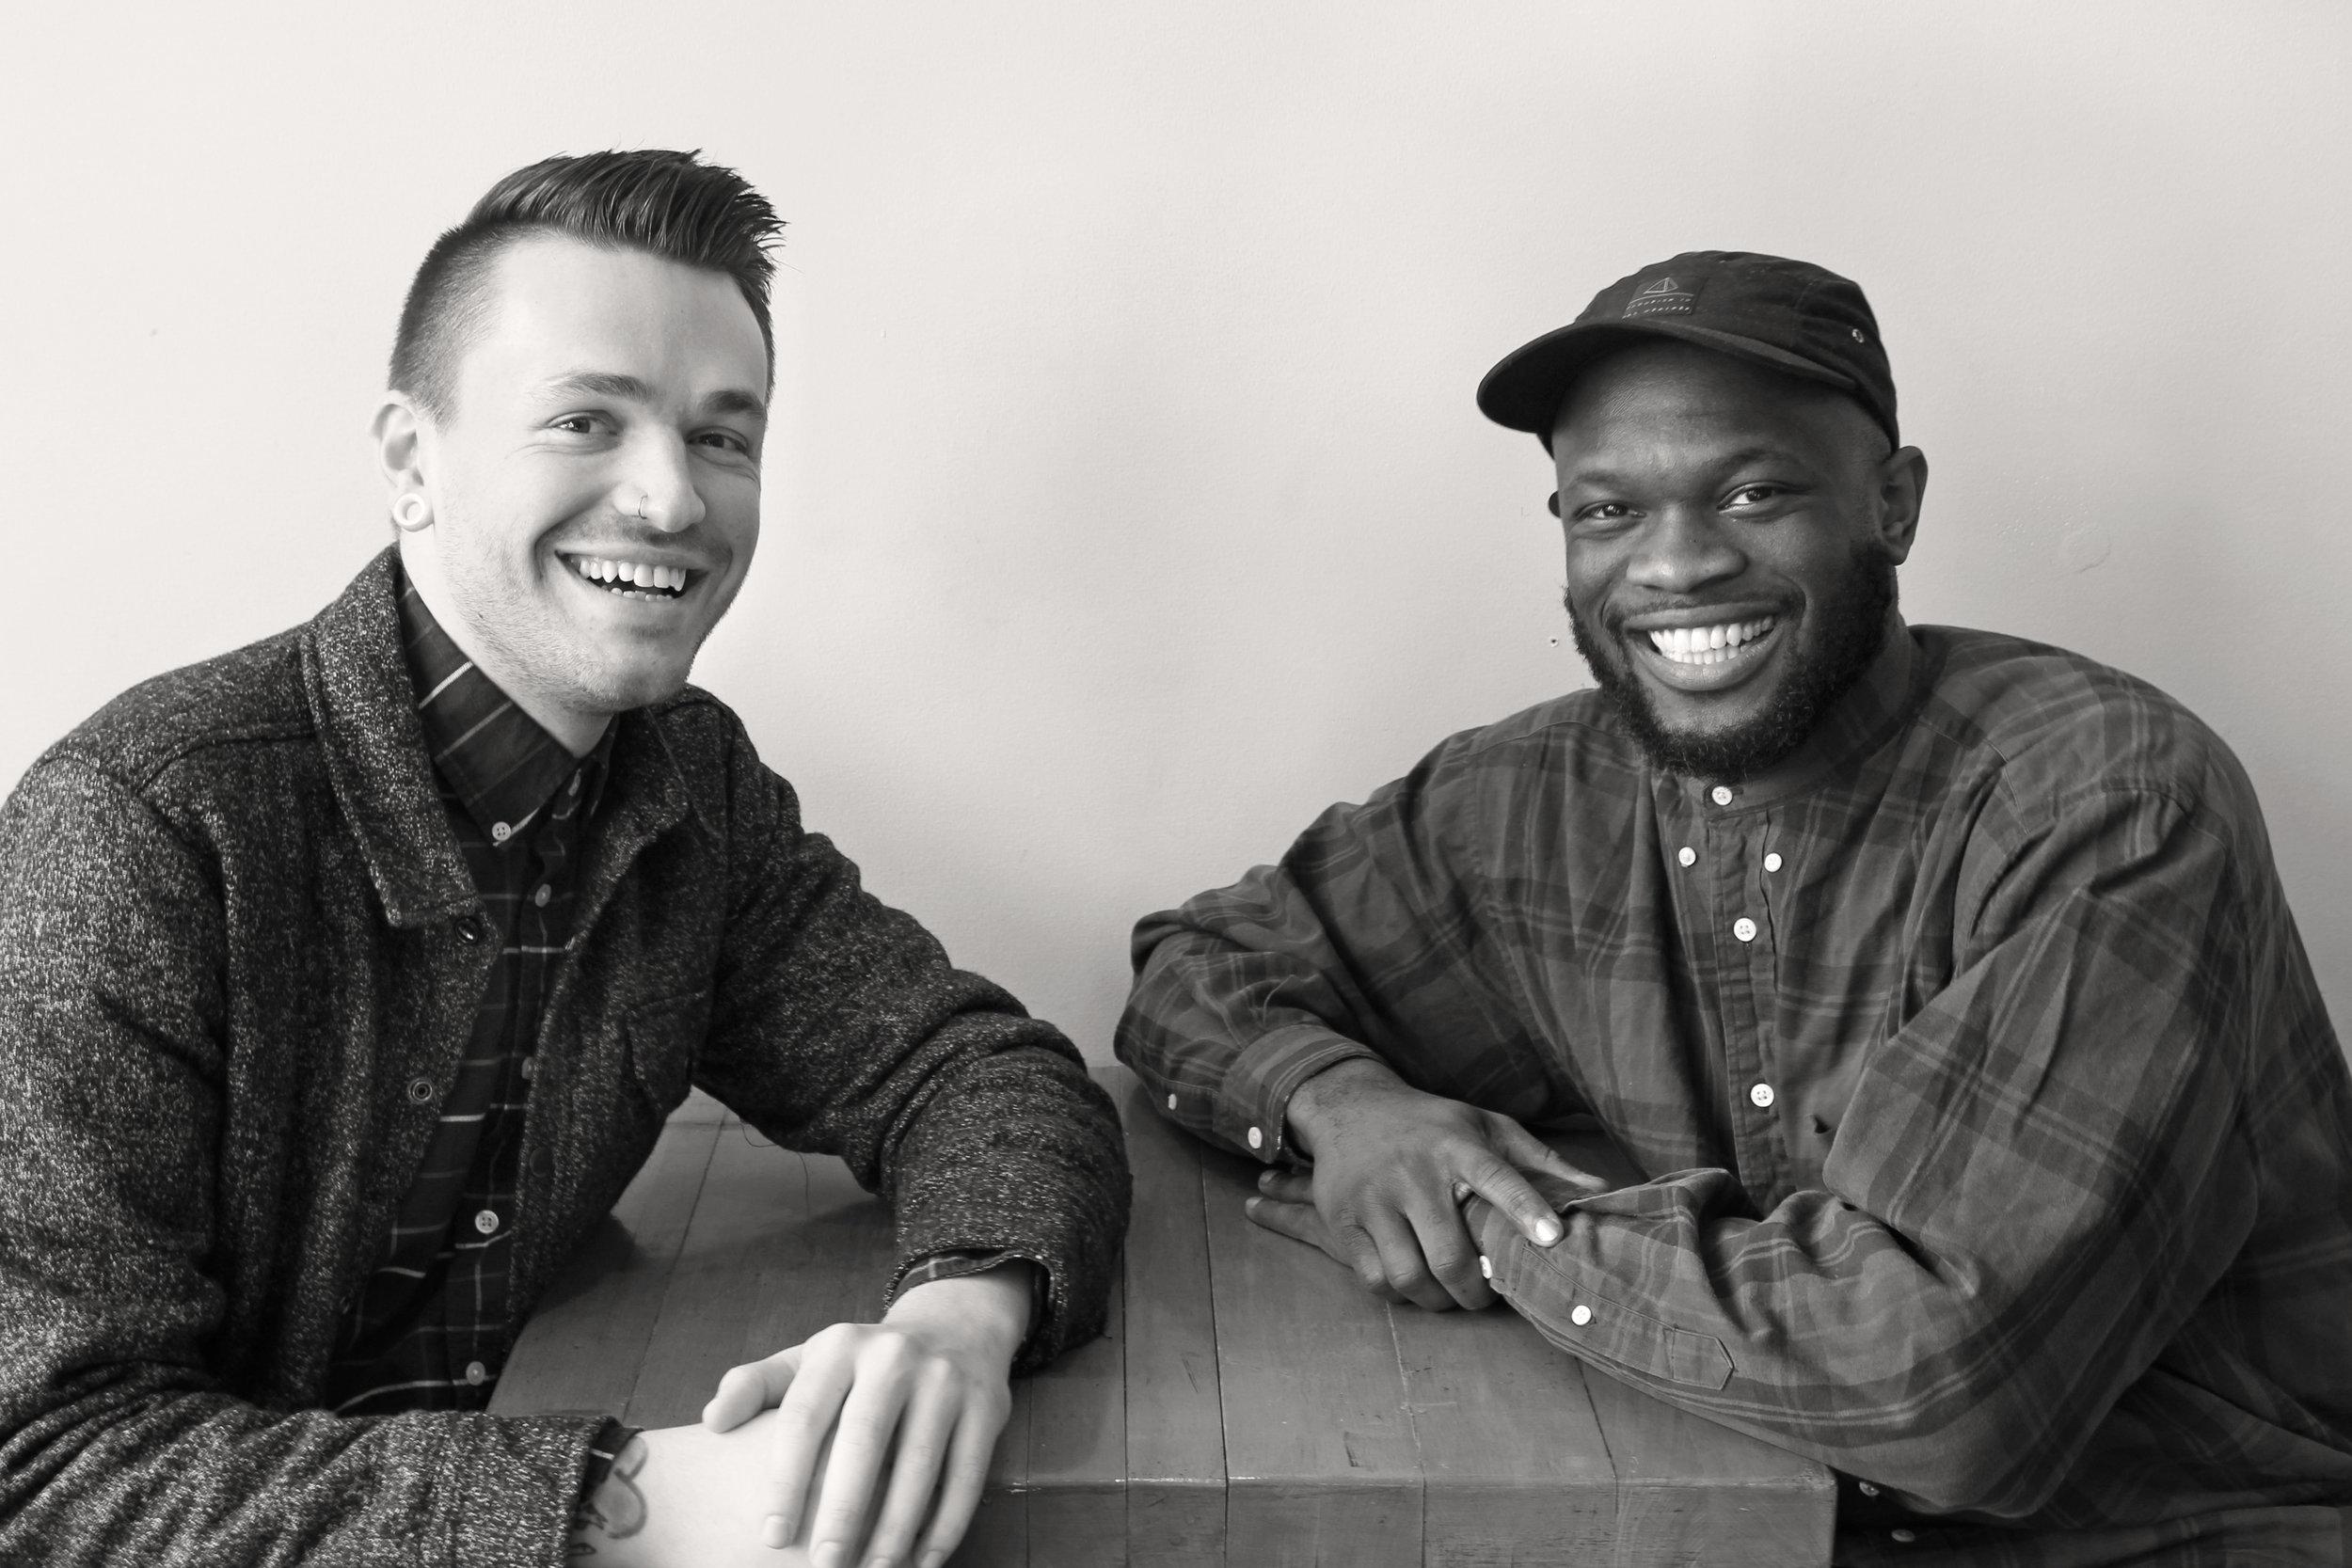 Chris Stedman and Ony Obiocha